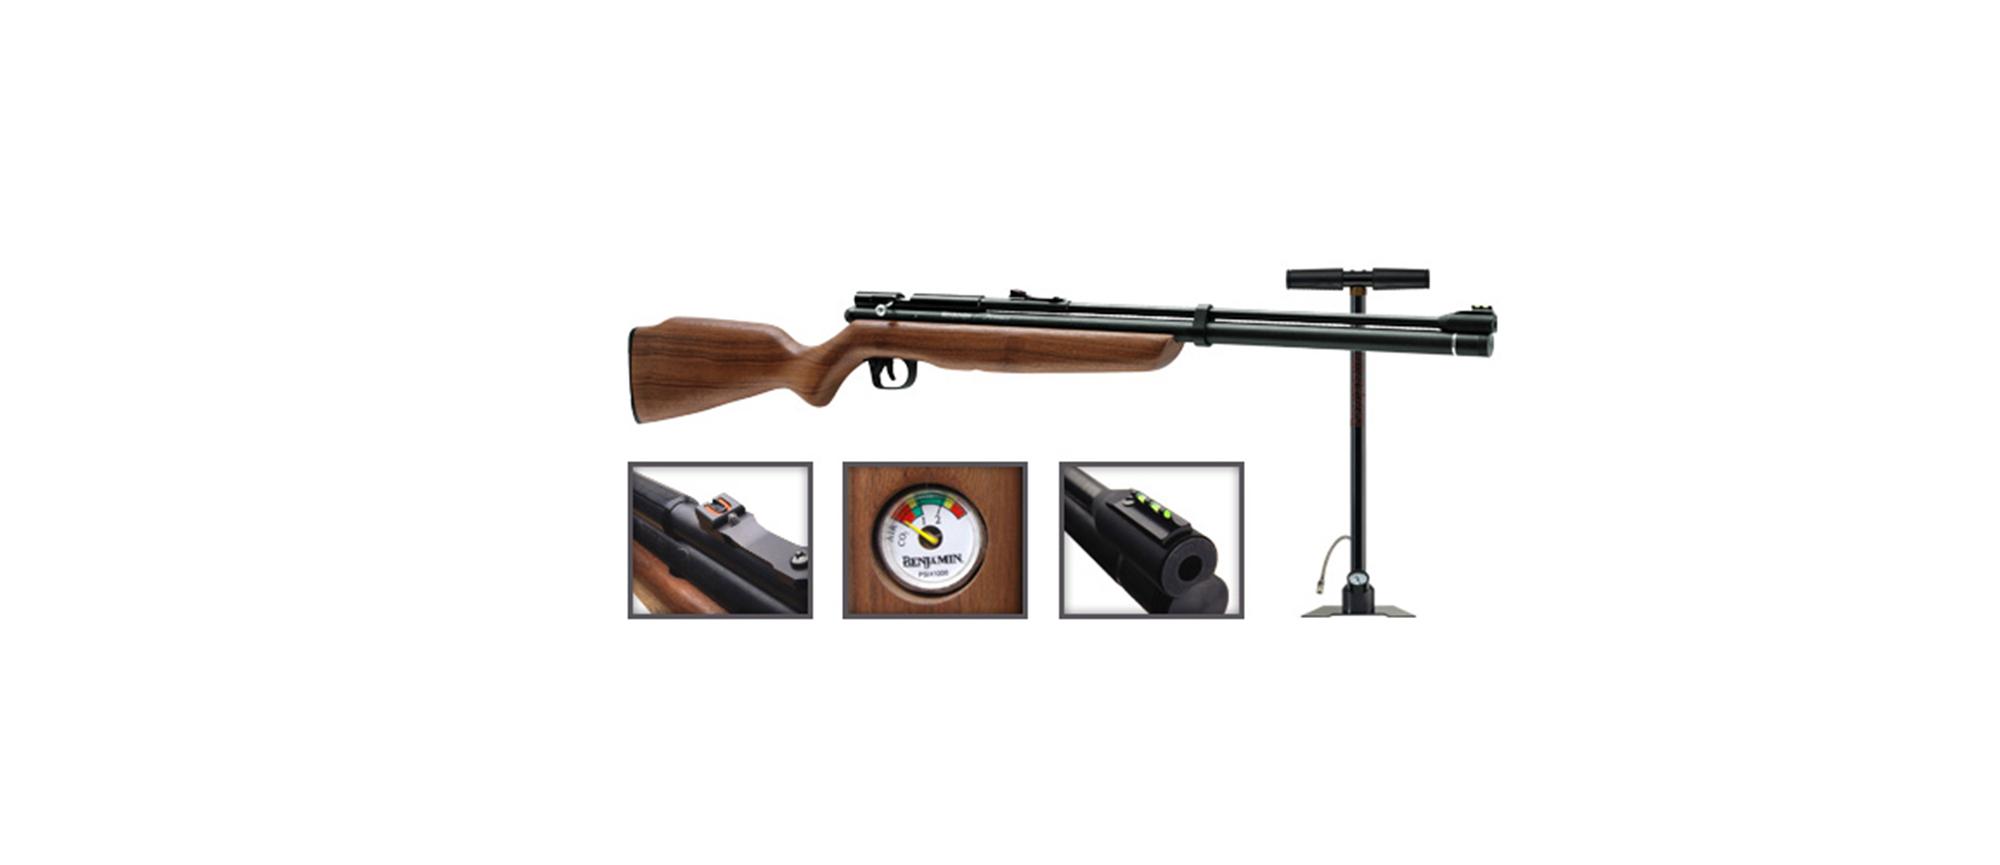 Carabina de aire CROSMAN DISCOVERY calibre 5.5 vel